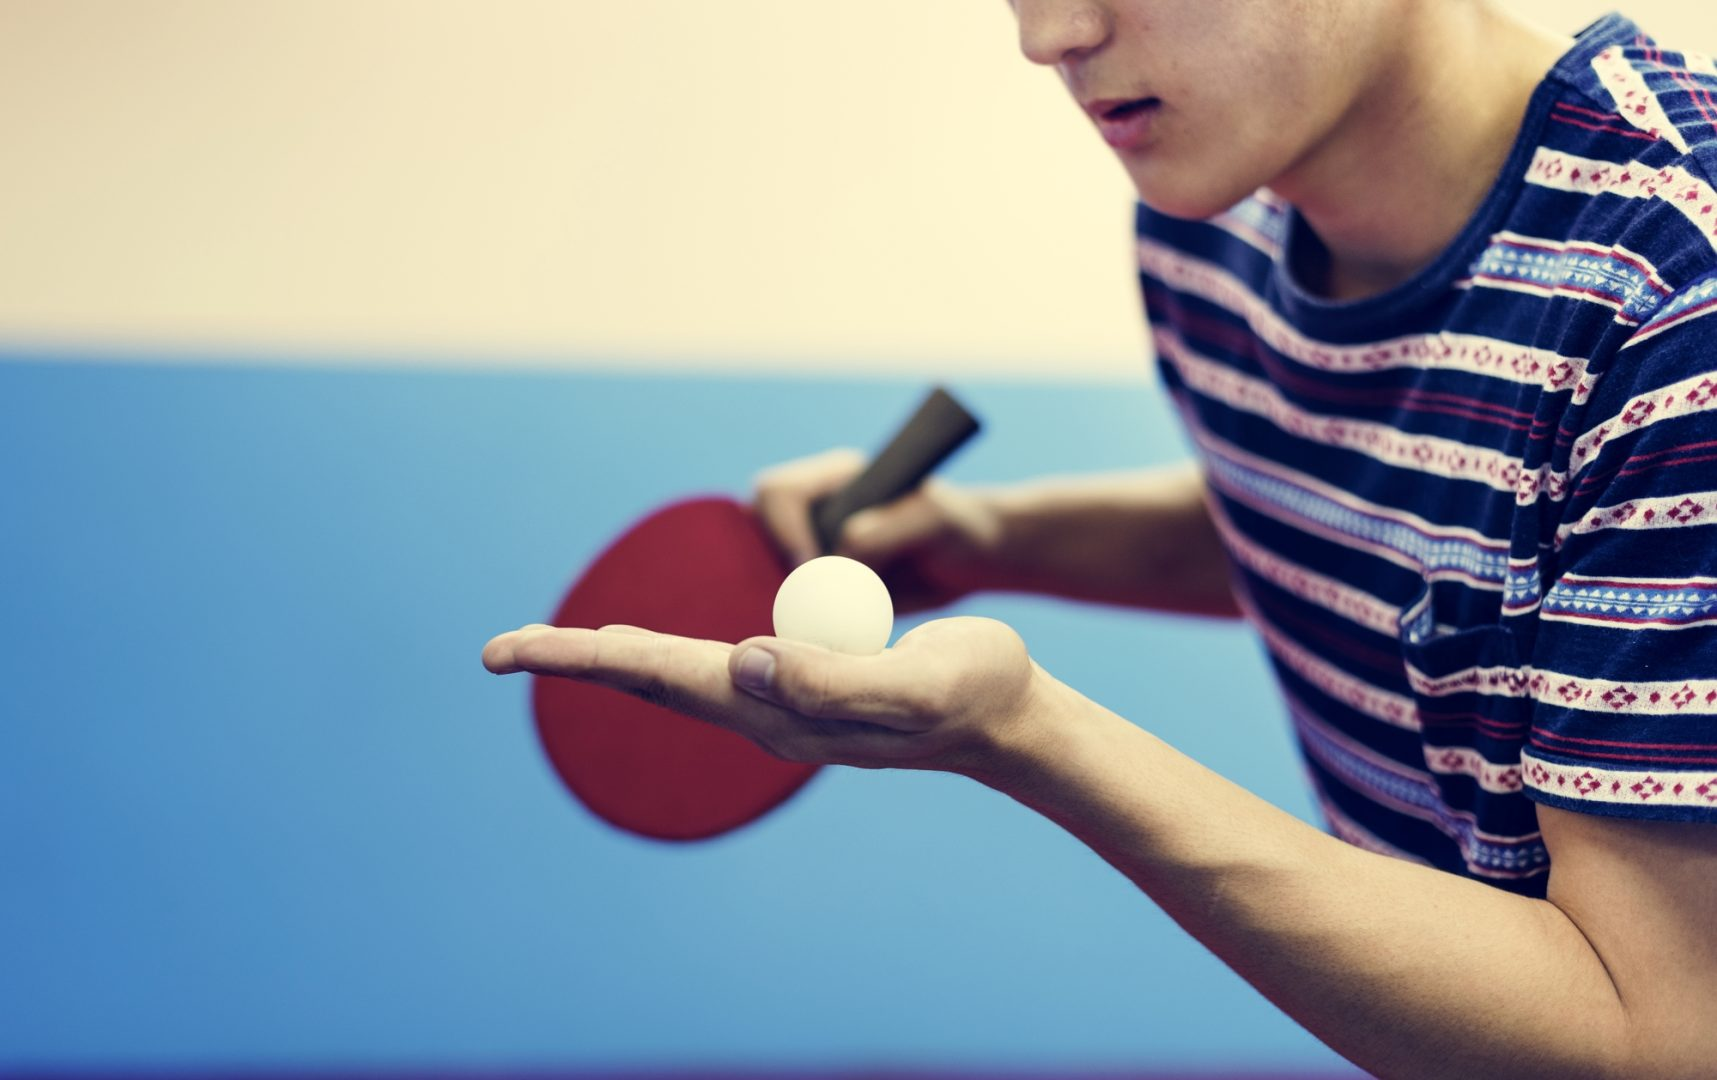 【頭で勝つ!卓球戦術】タイムアウトを取るべき3つのタイミング